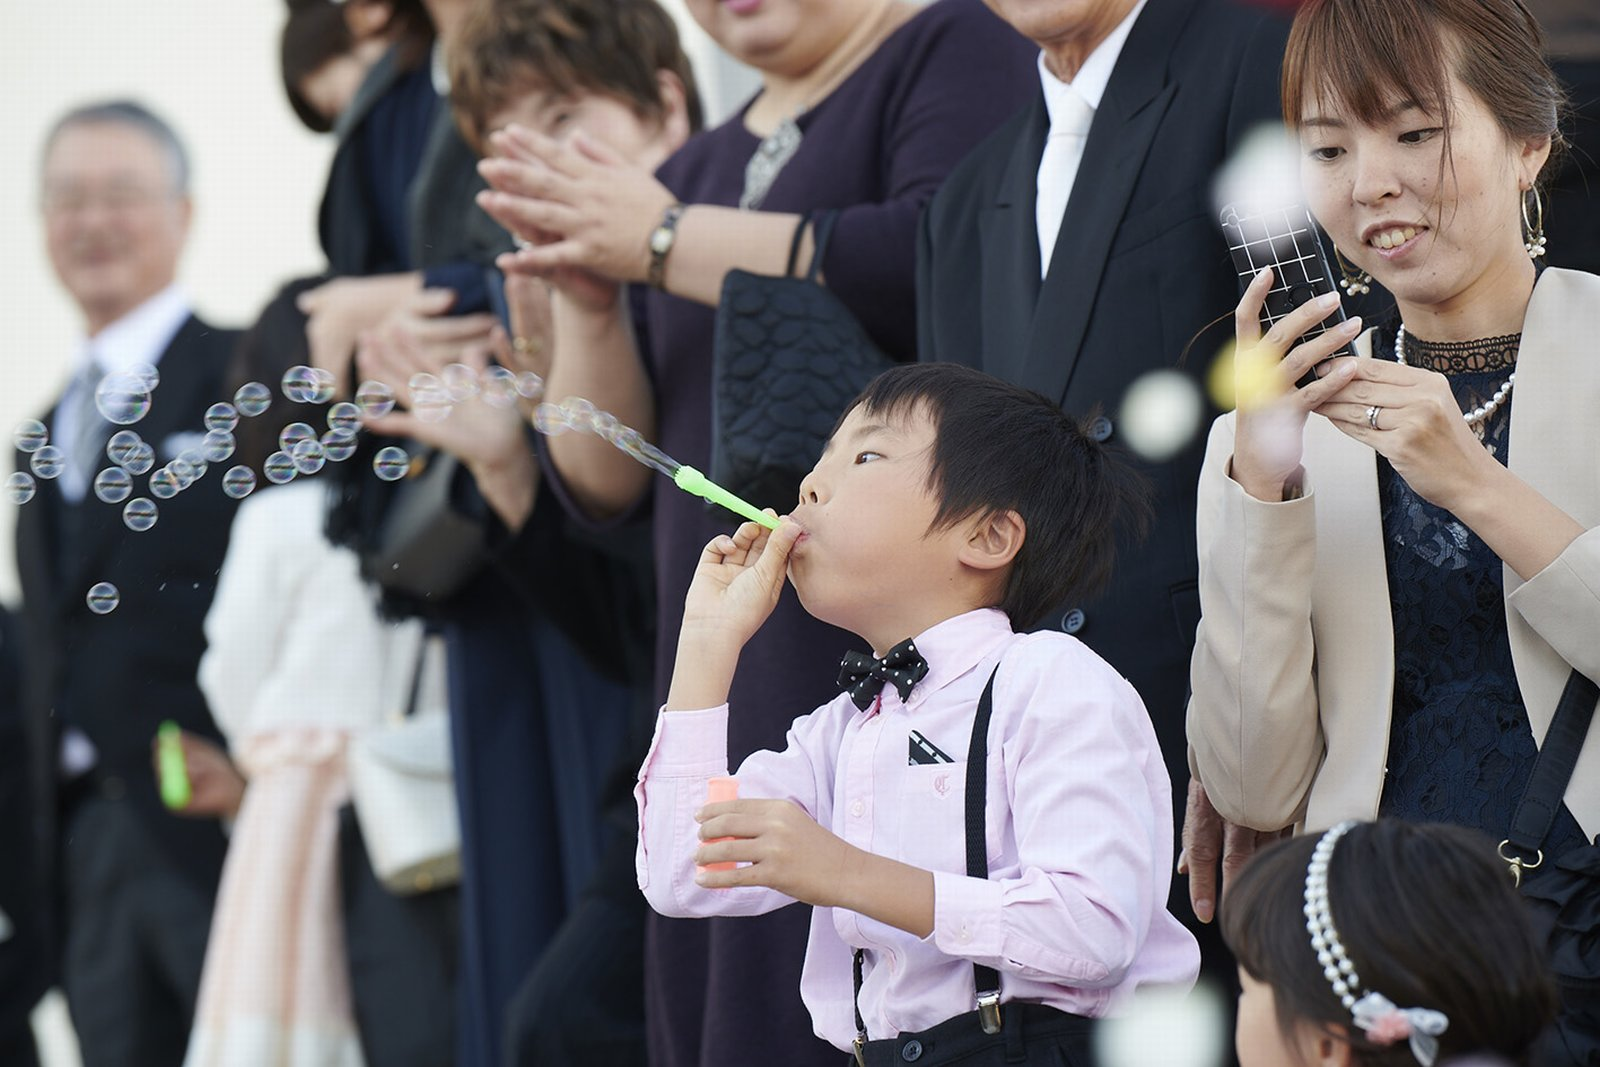 徳島県の結婚式場ブランアンジュのアフターセレモニーでしゃぼん玉